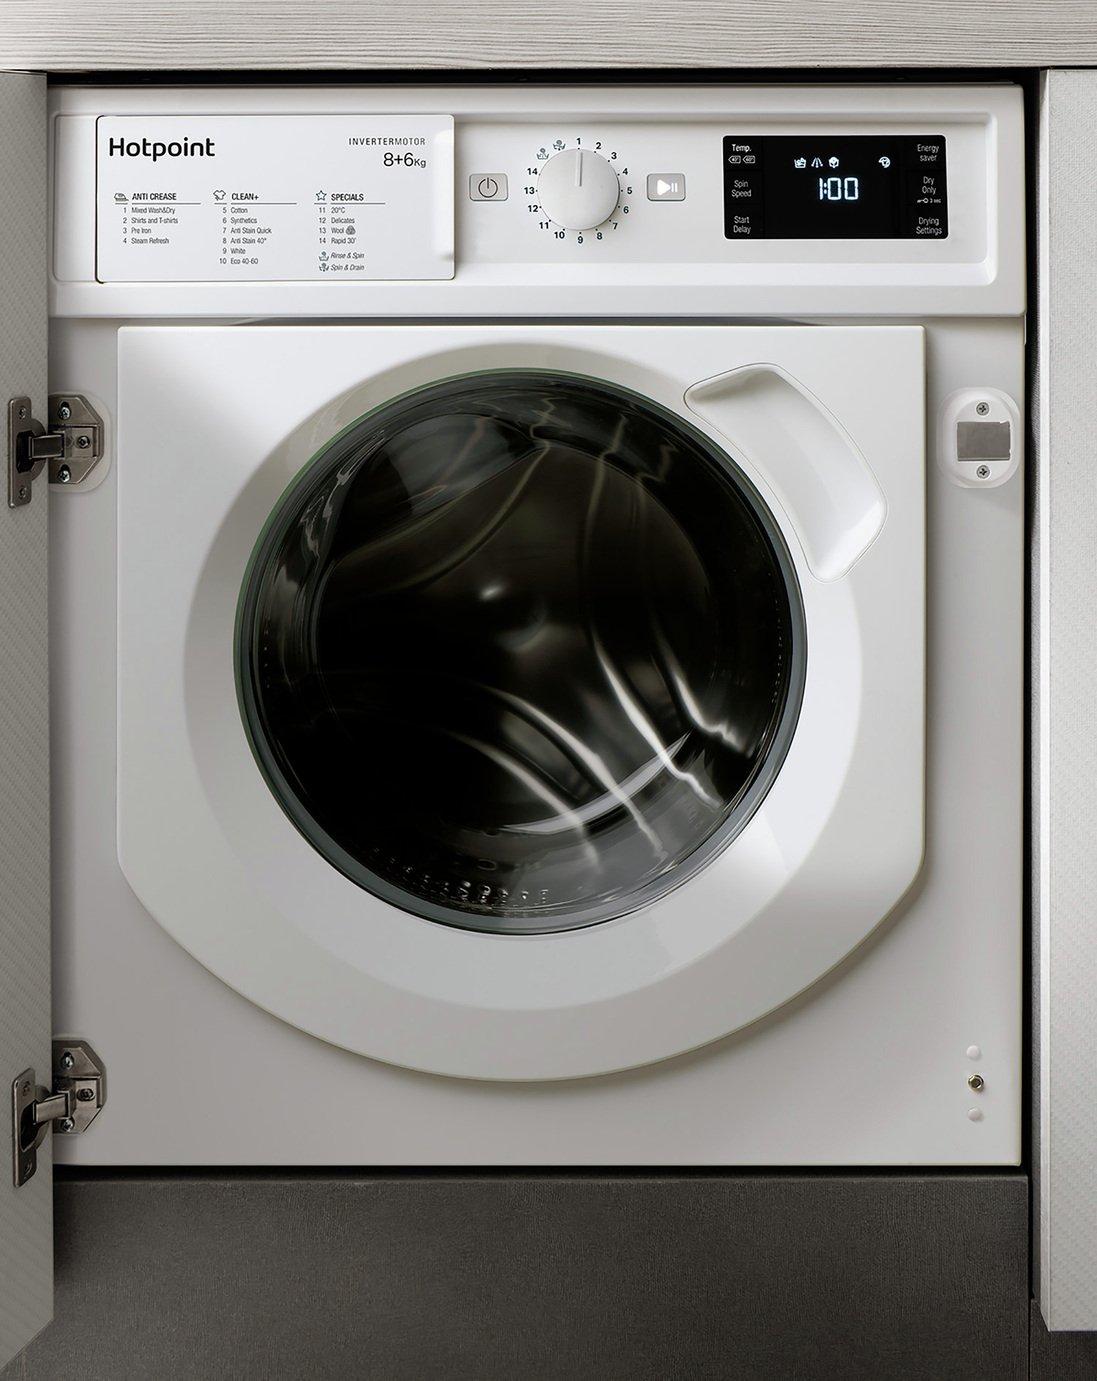 Hotpoint BIWDHG861484 8KG/6KG Integrated Washer Dryer